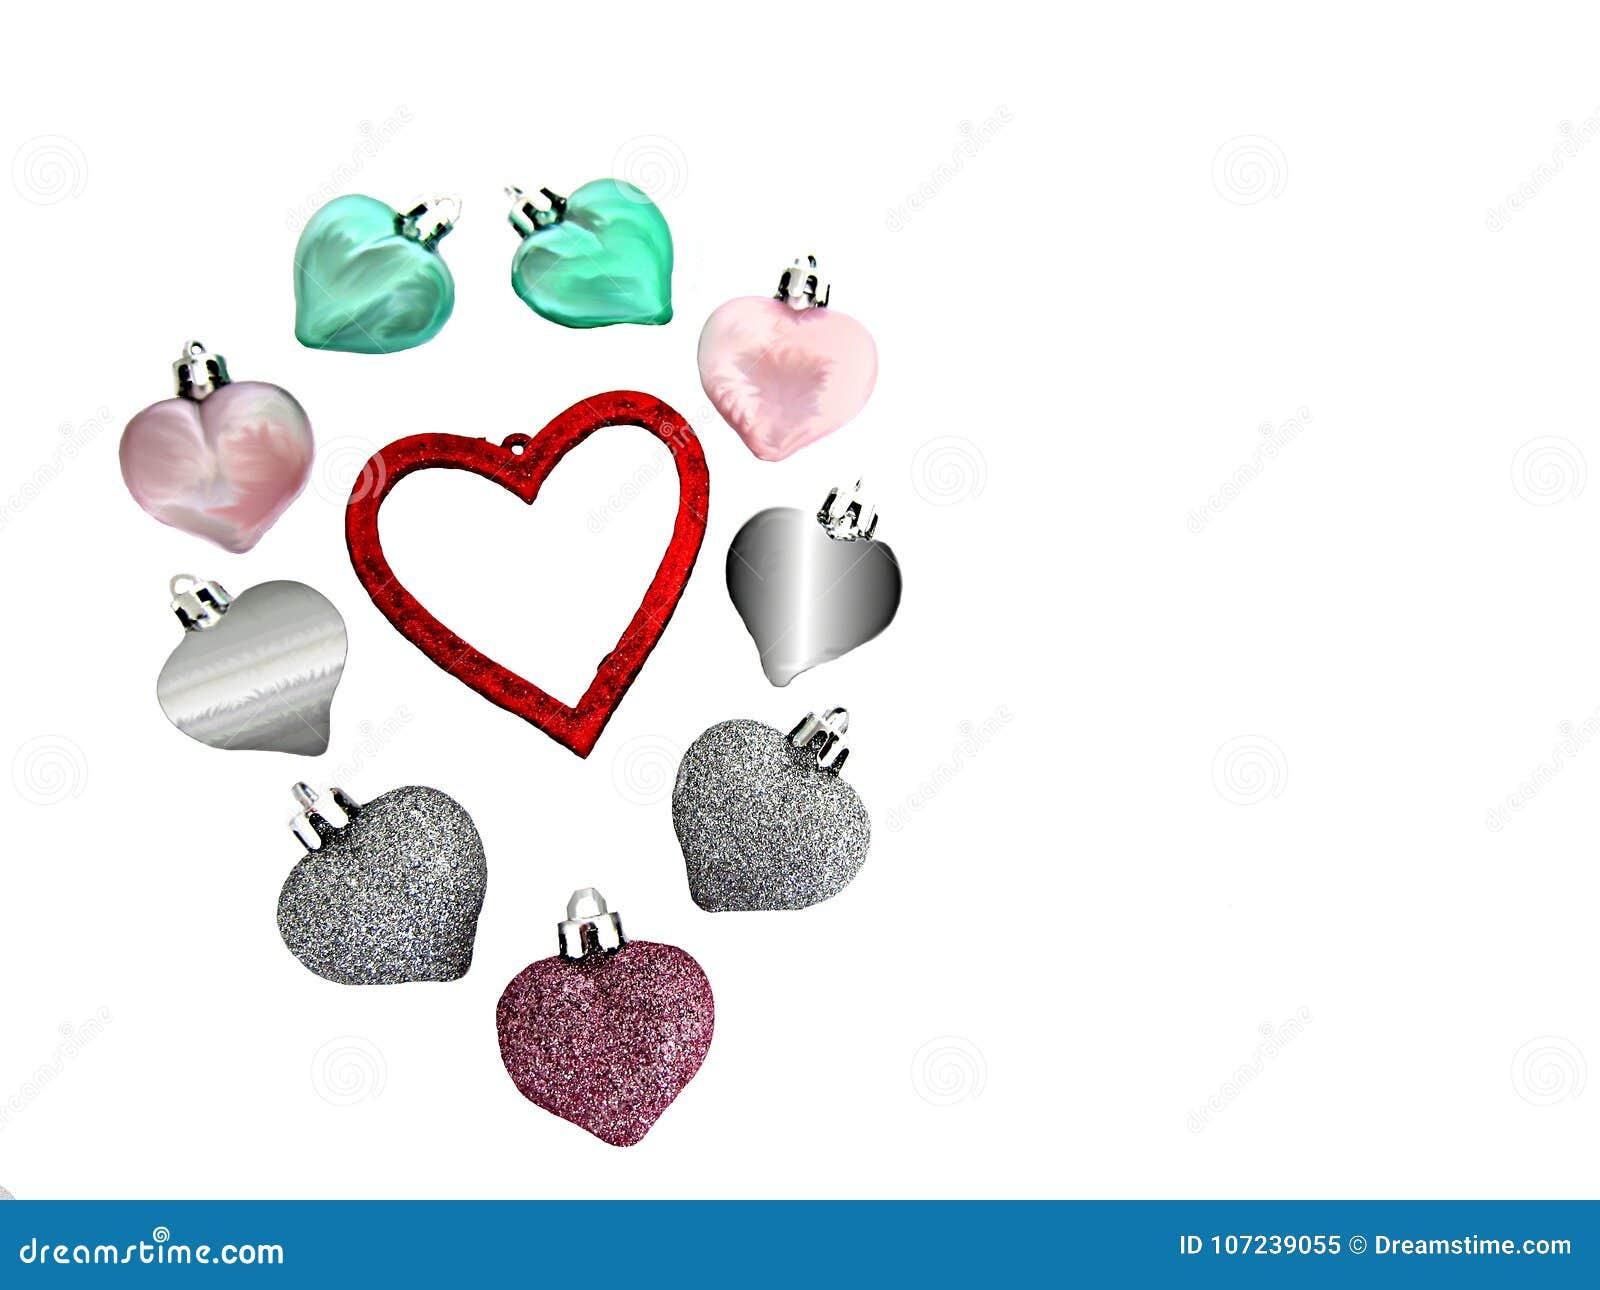 Nove corações que cercam um coração vermelho grande para dizer, eu te amo, no dia de Valentim, isolado em um fundo branco